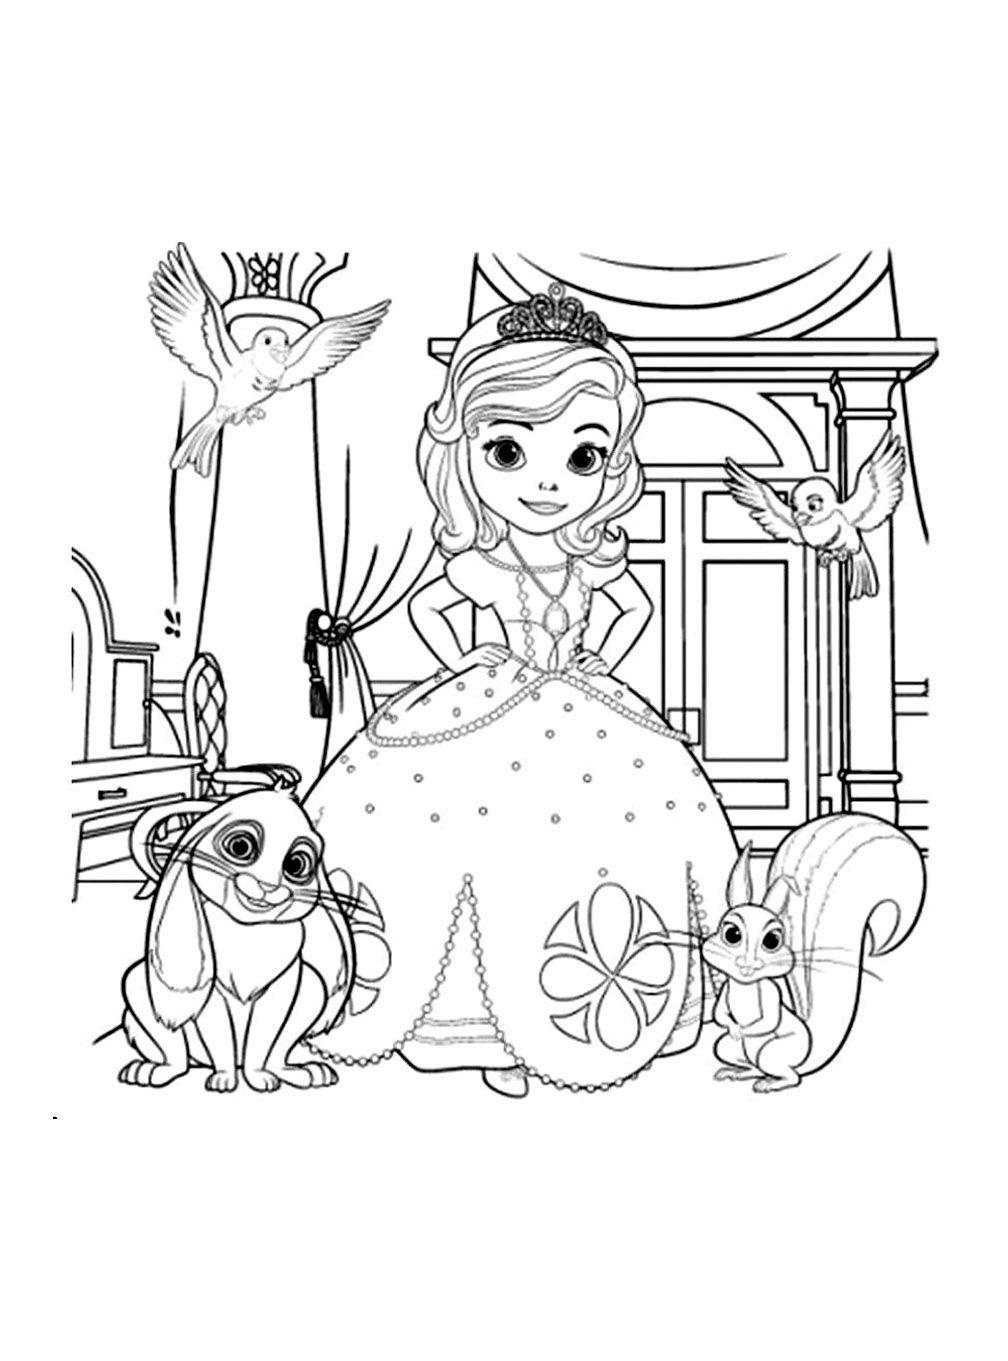 Pour imprimer ce coloriage gratuit coloriage princesse sofia disney 12